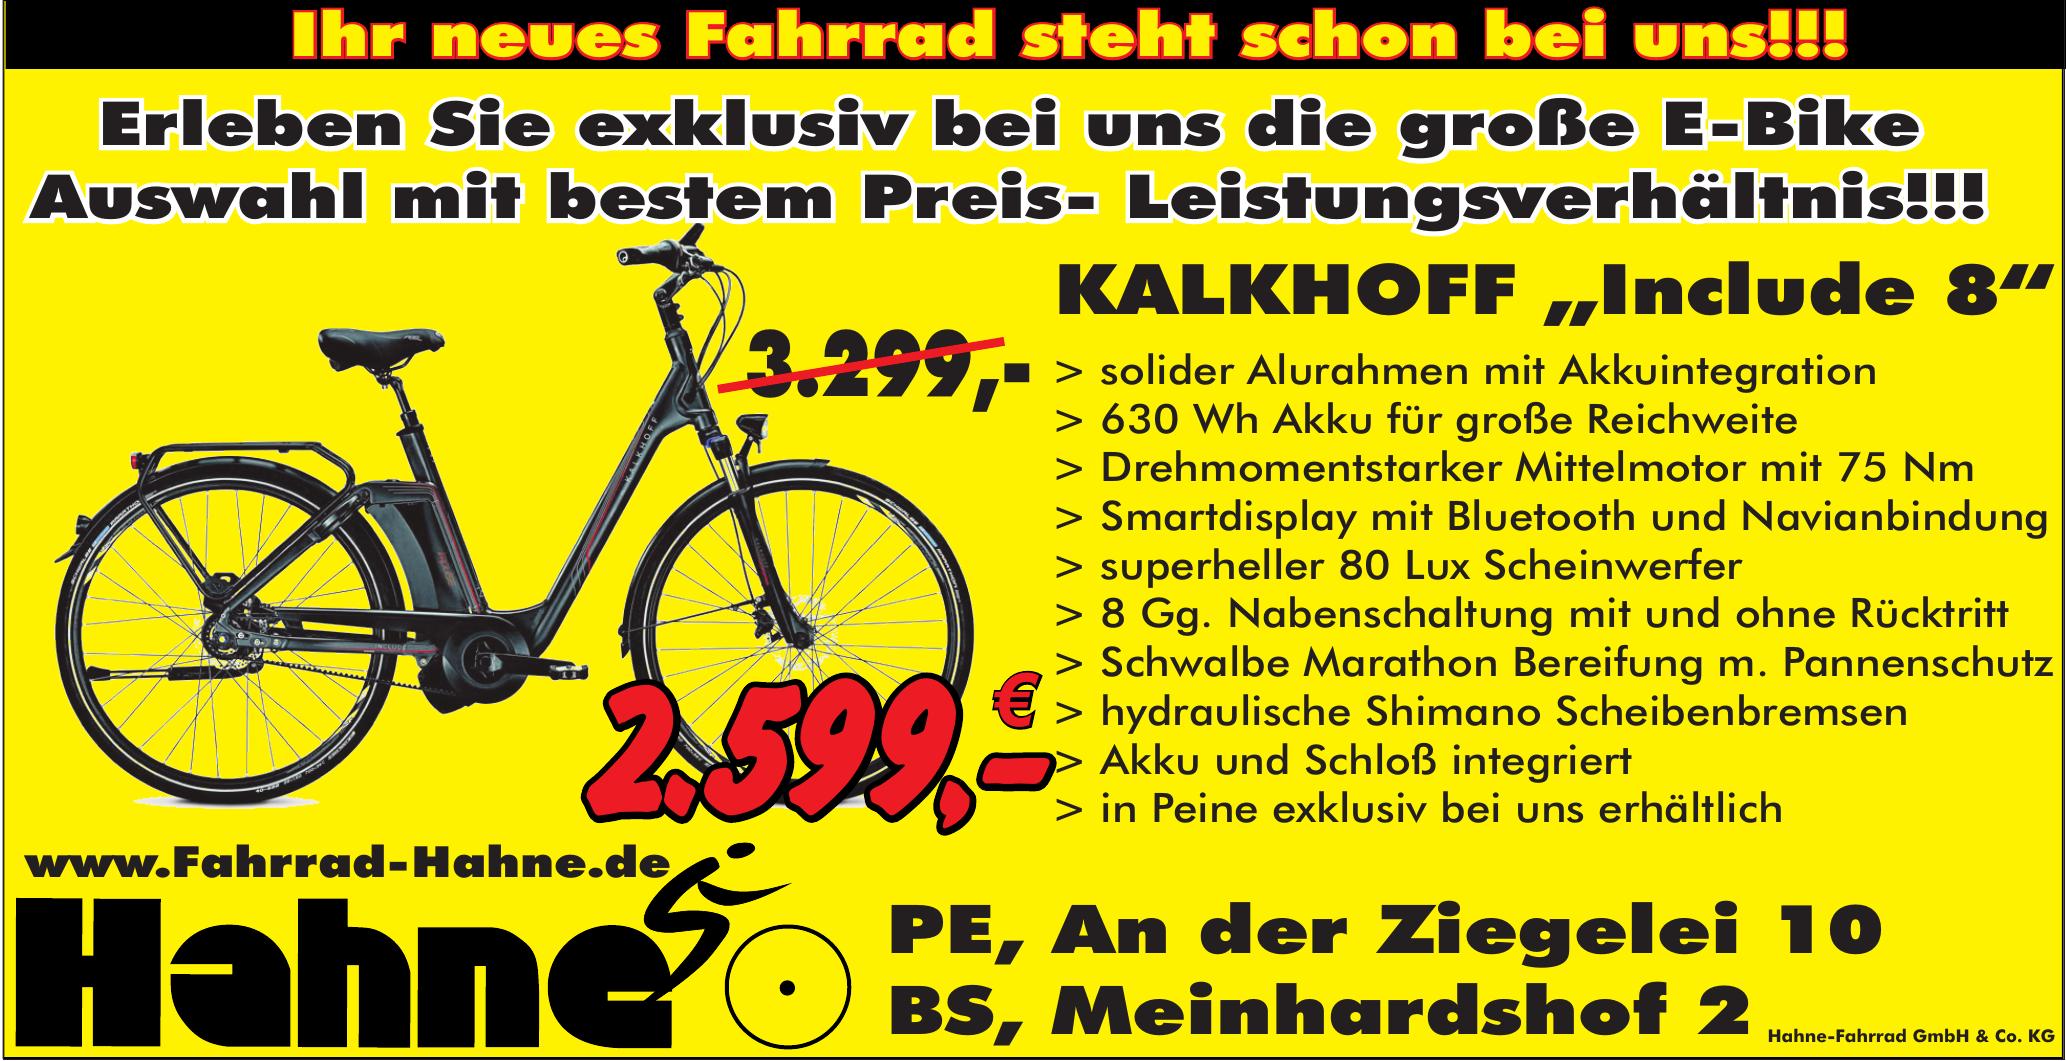 Fahrrad Hahne